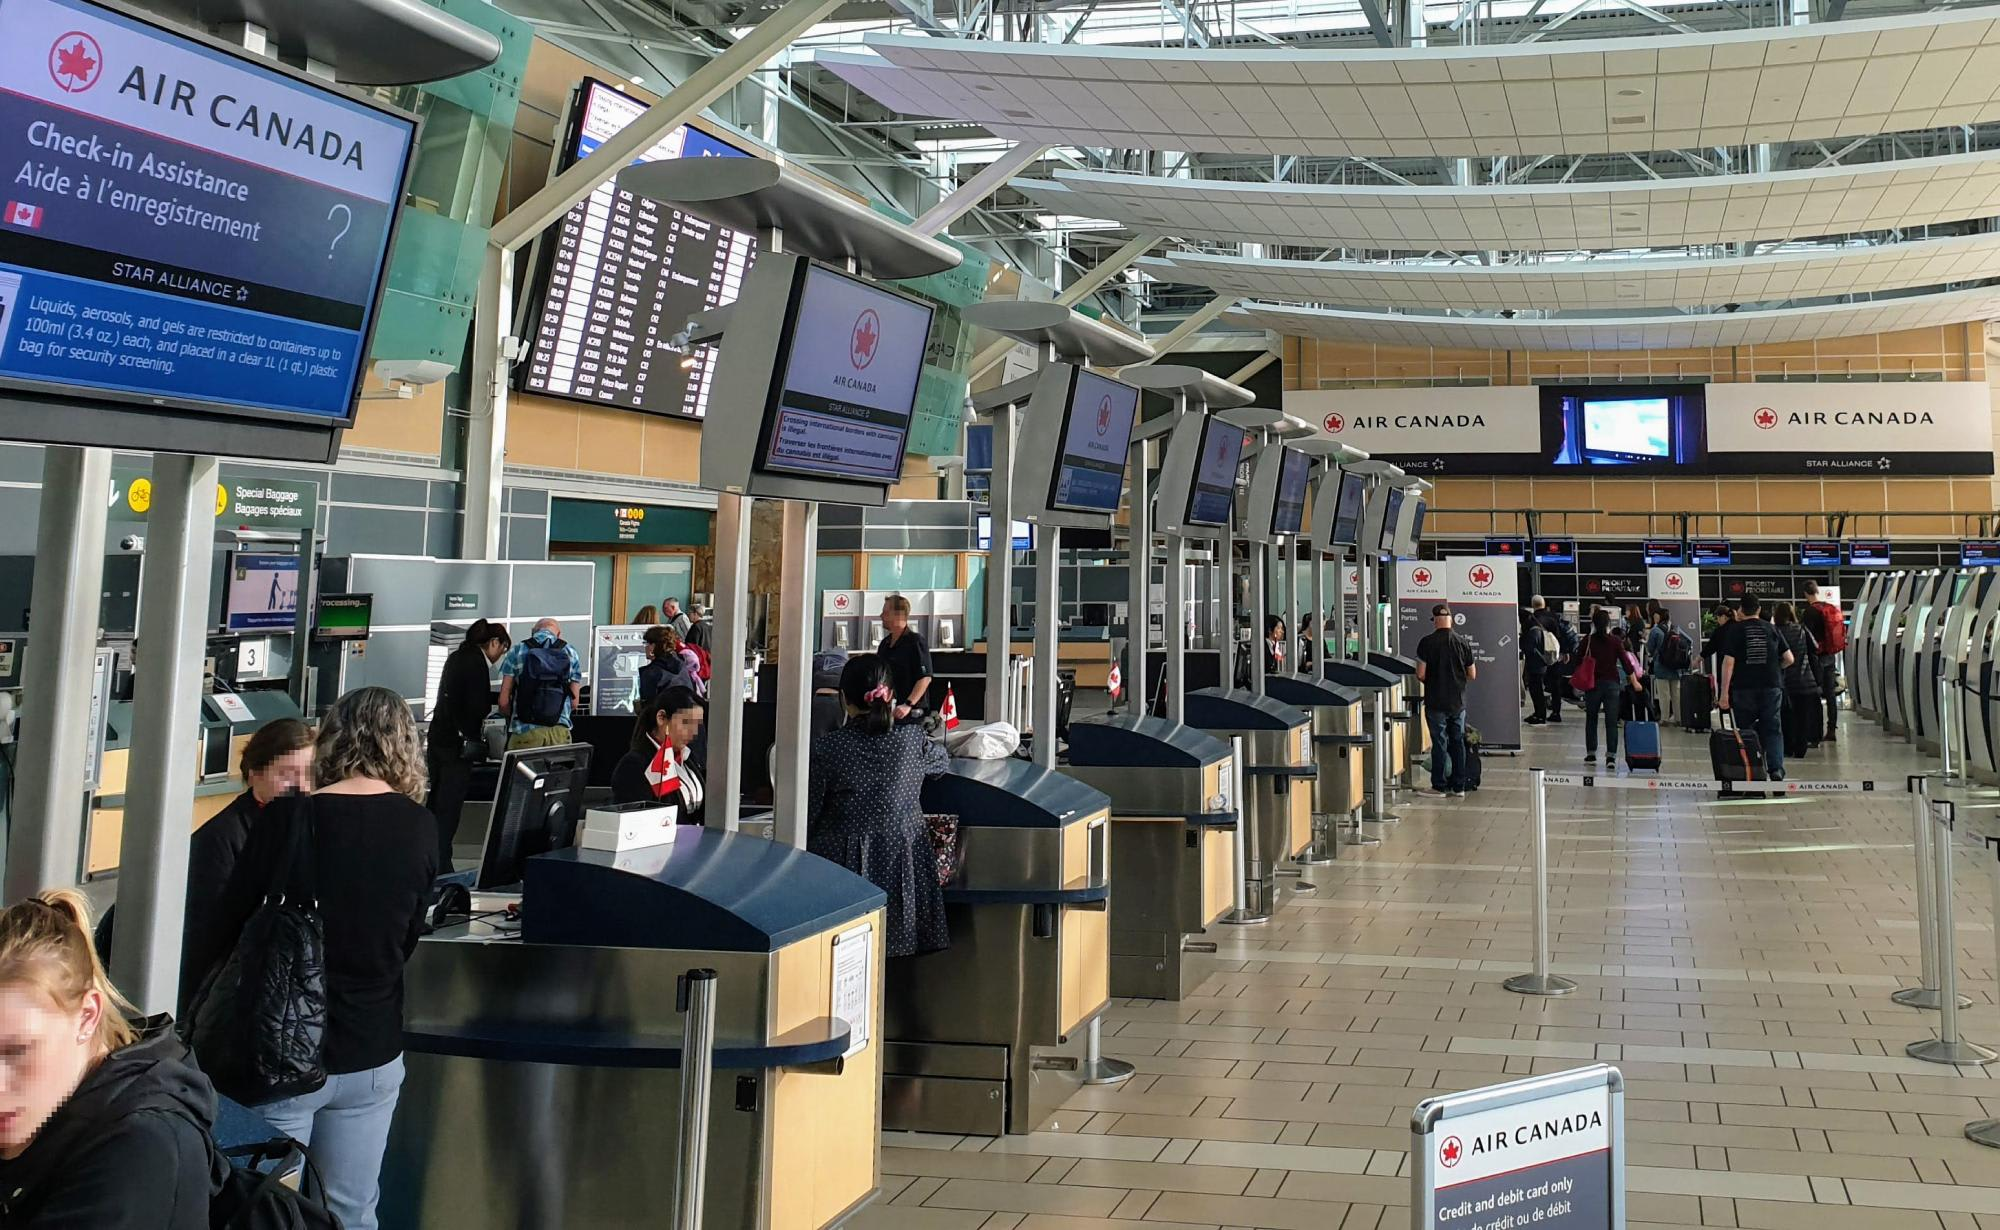 צ'ק אין לטיסה עם אייר קנדה בשדה התעופה